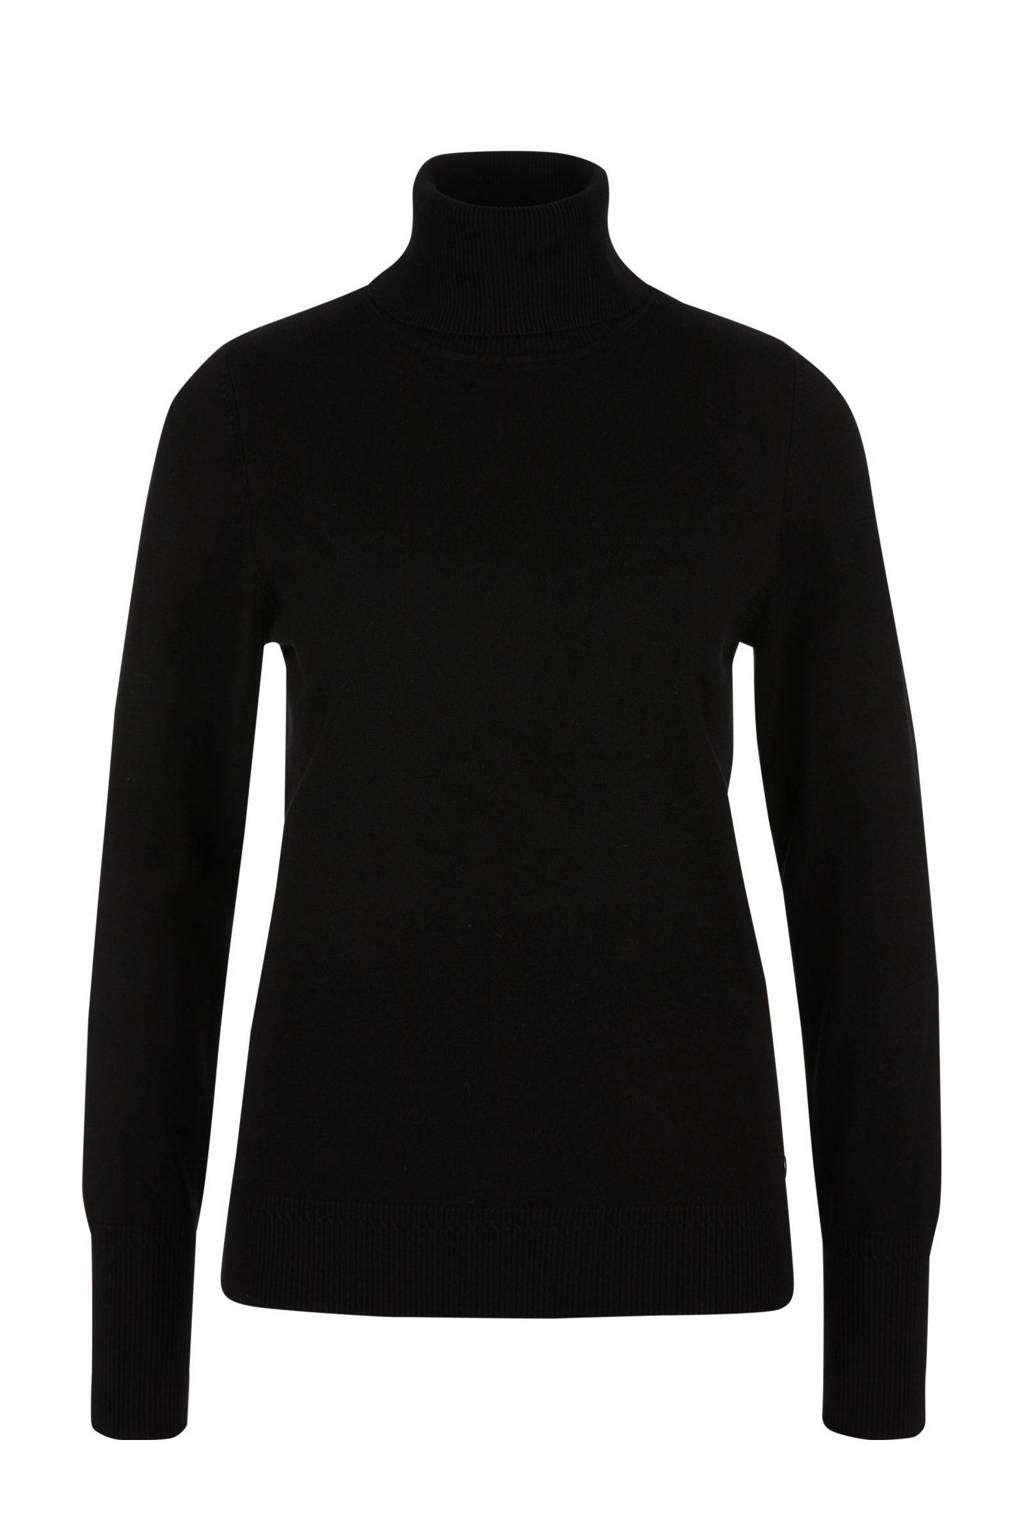 s.Oliver fijngebreide top met col zwart, Zwart